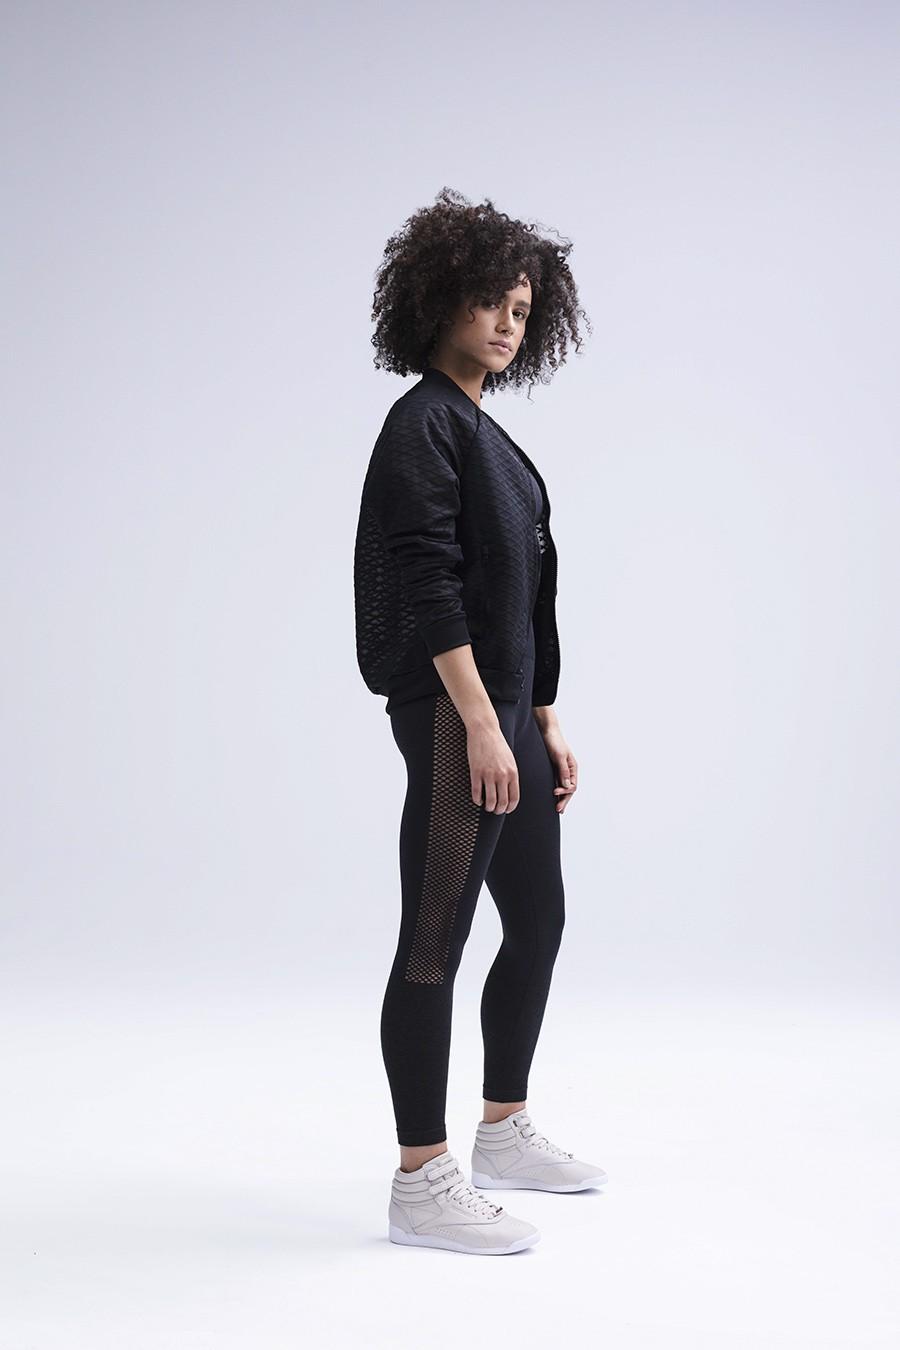 La actriz británica Nathalie Emmanuel es la nueva cara de Reebok